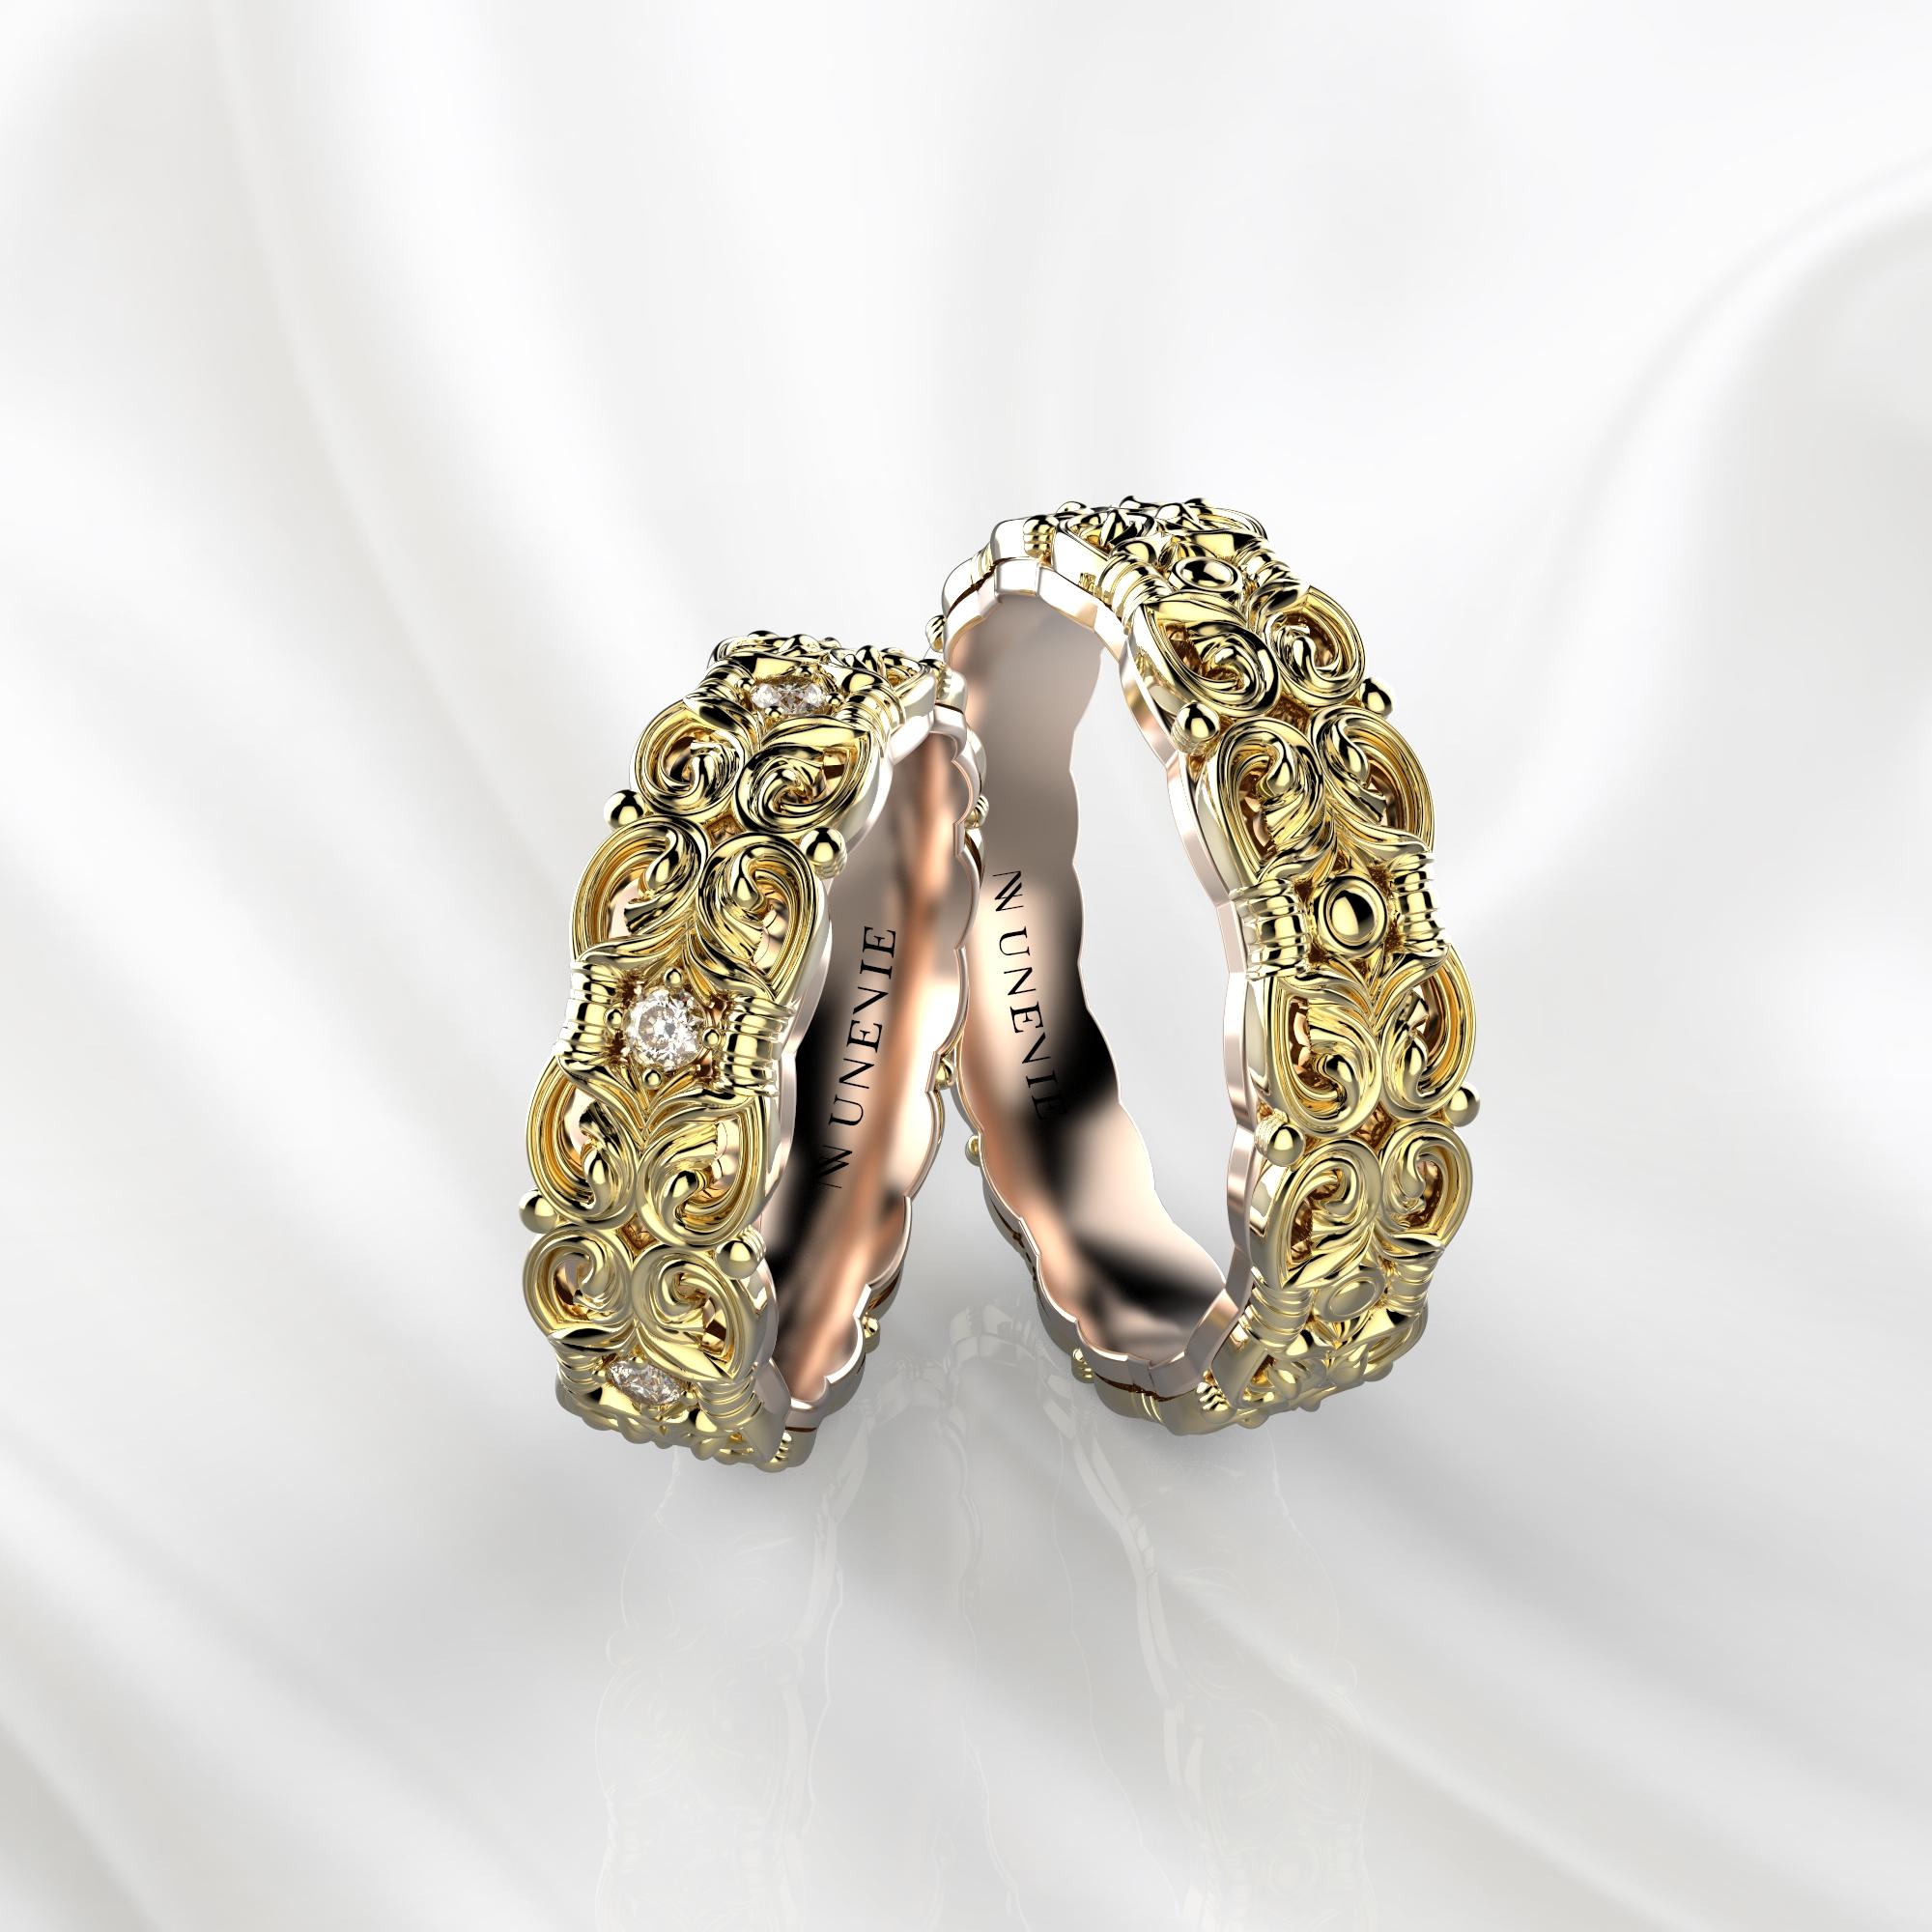 NV67 Парные обручальные кольца из желто-розового золота с бриллиантами